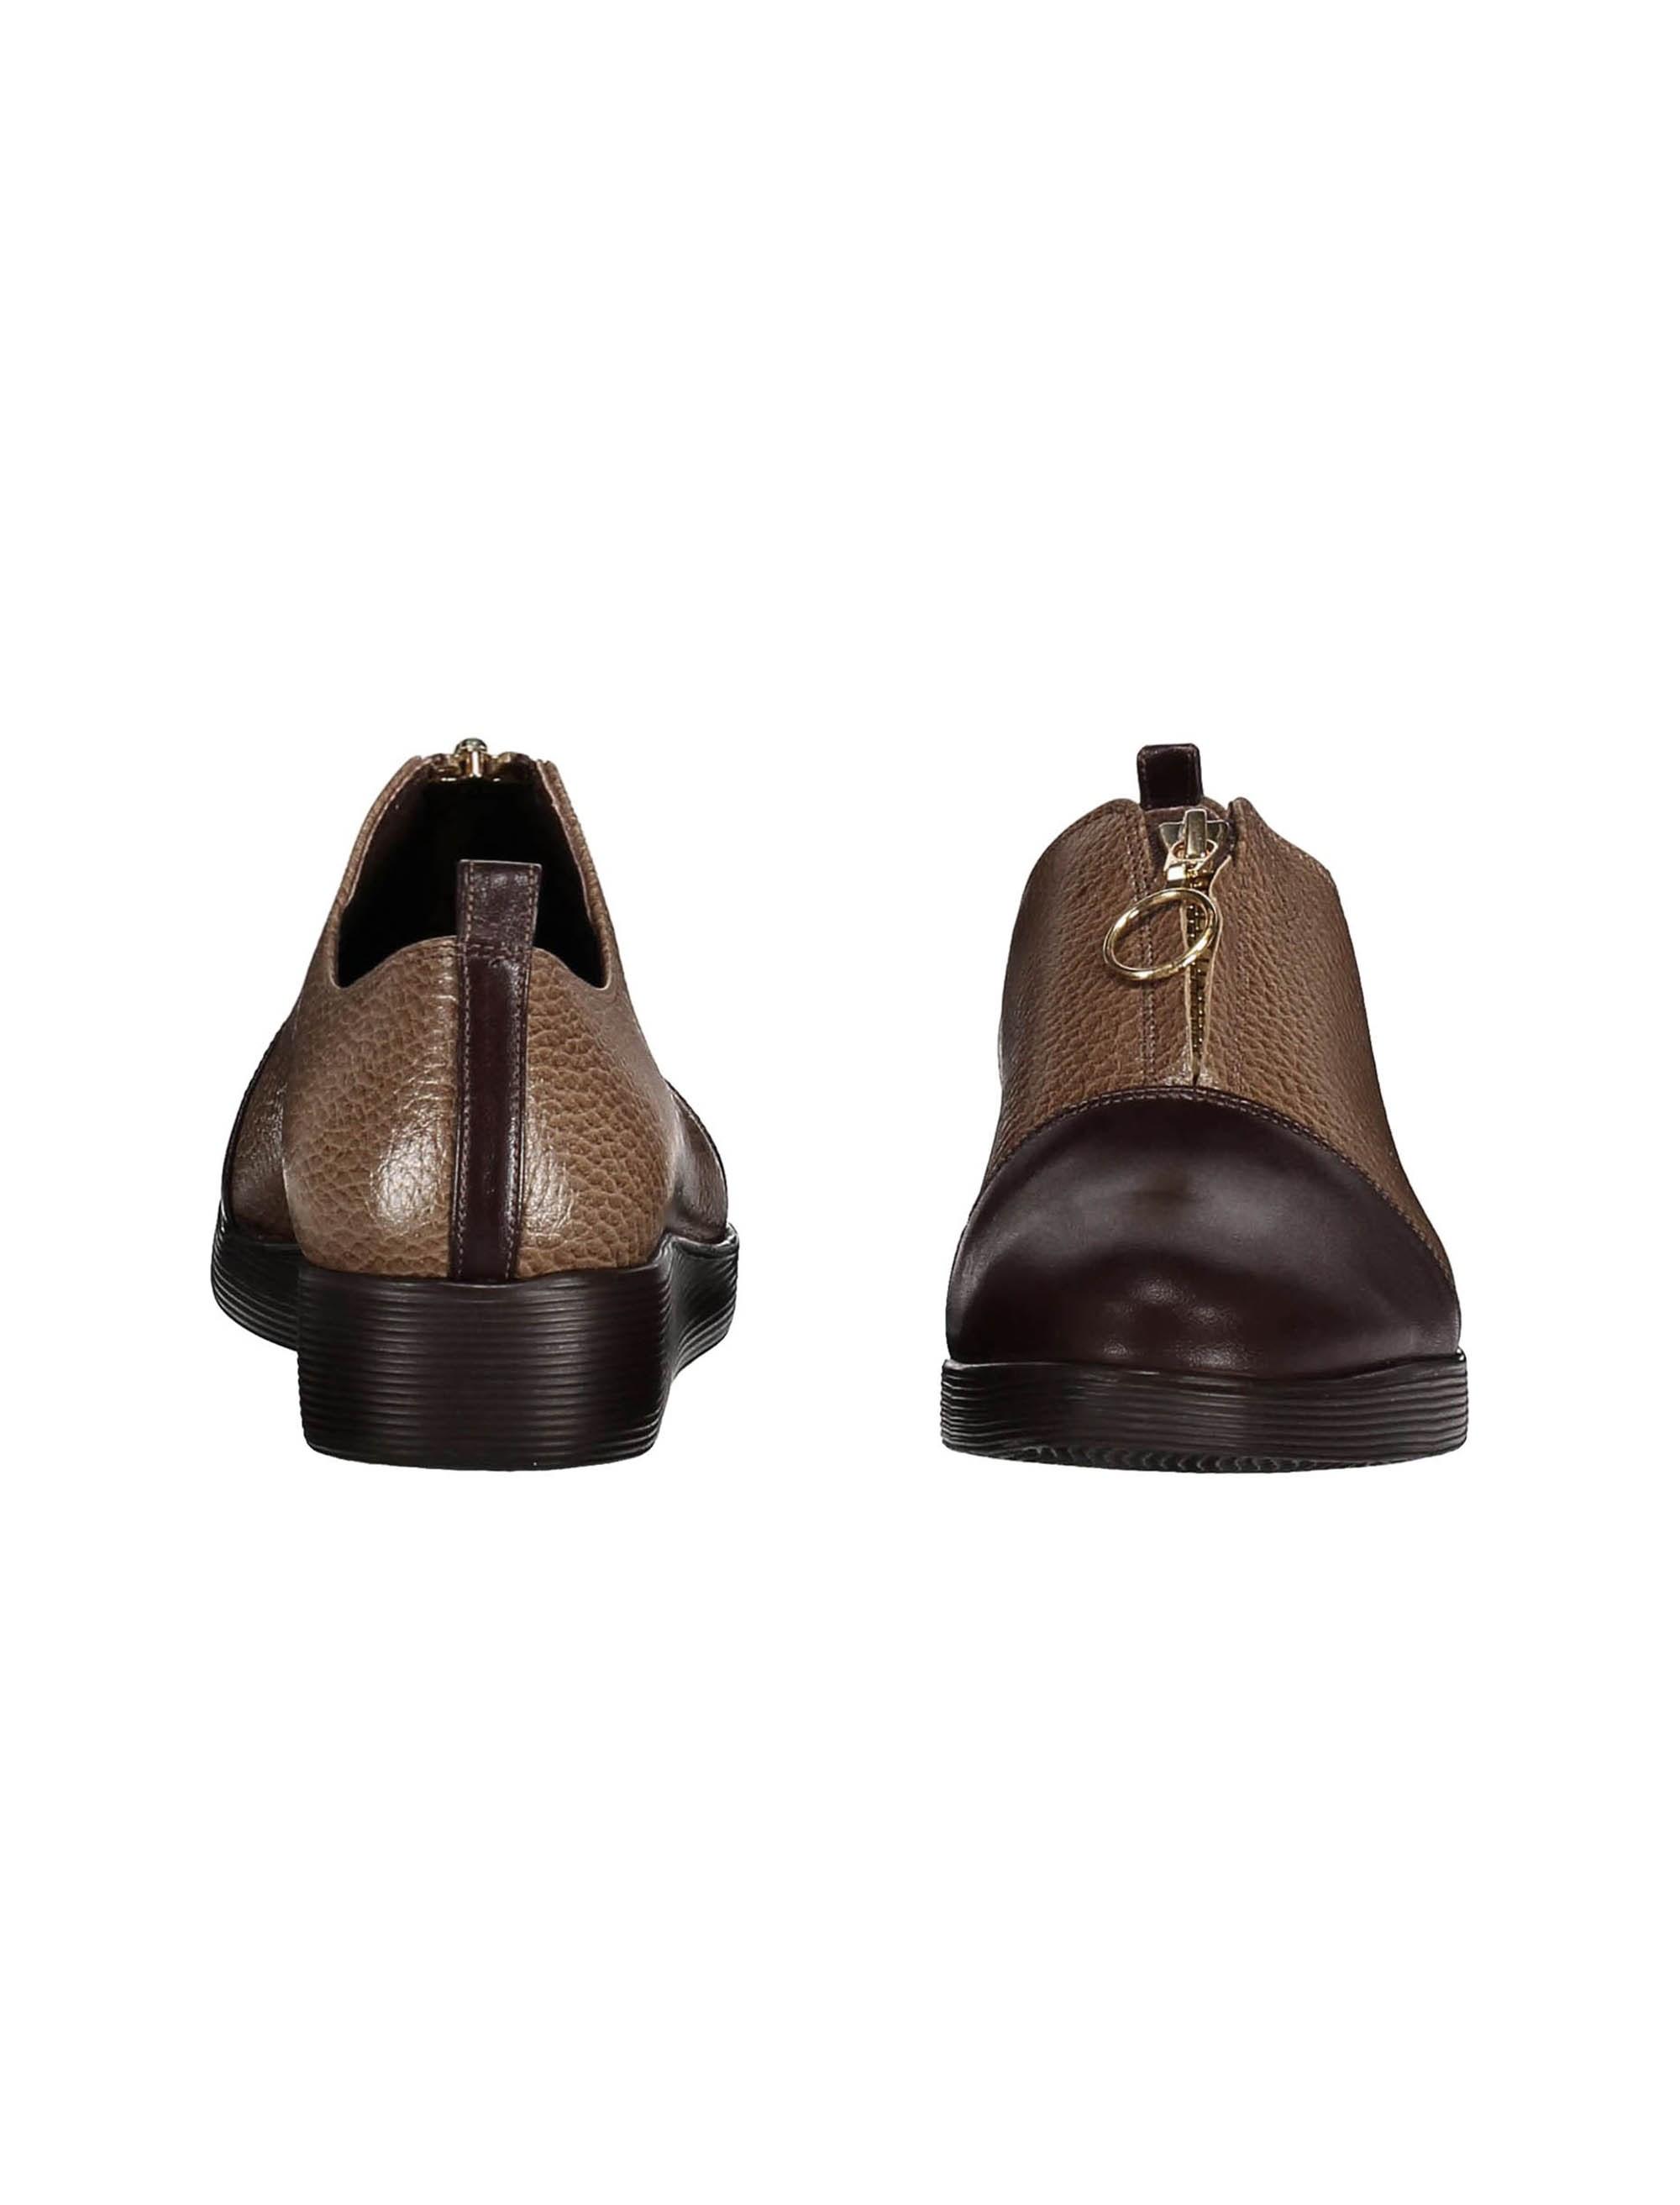 کفش چرم تخت زنانه - کرم  - 5